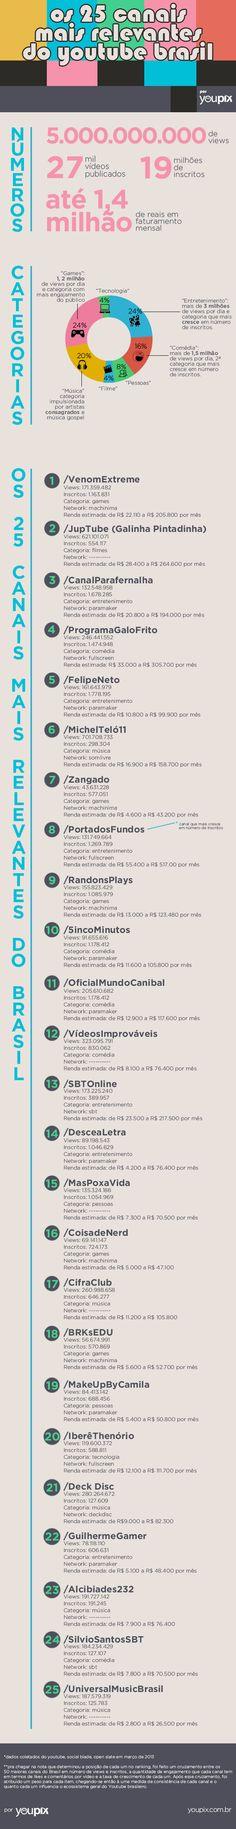 Os 25 canais mais influentes do YouTube Brasil